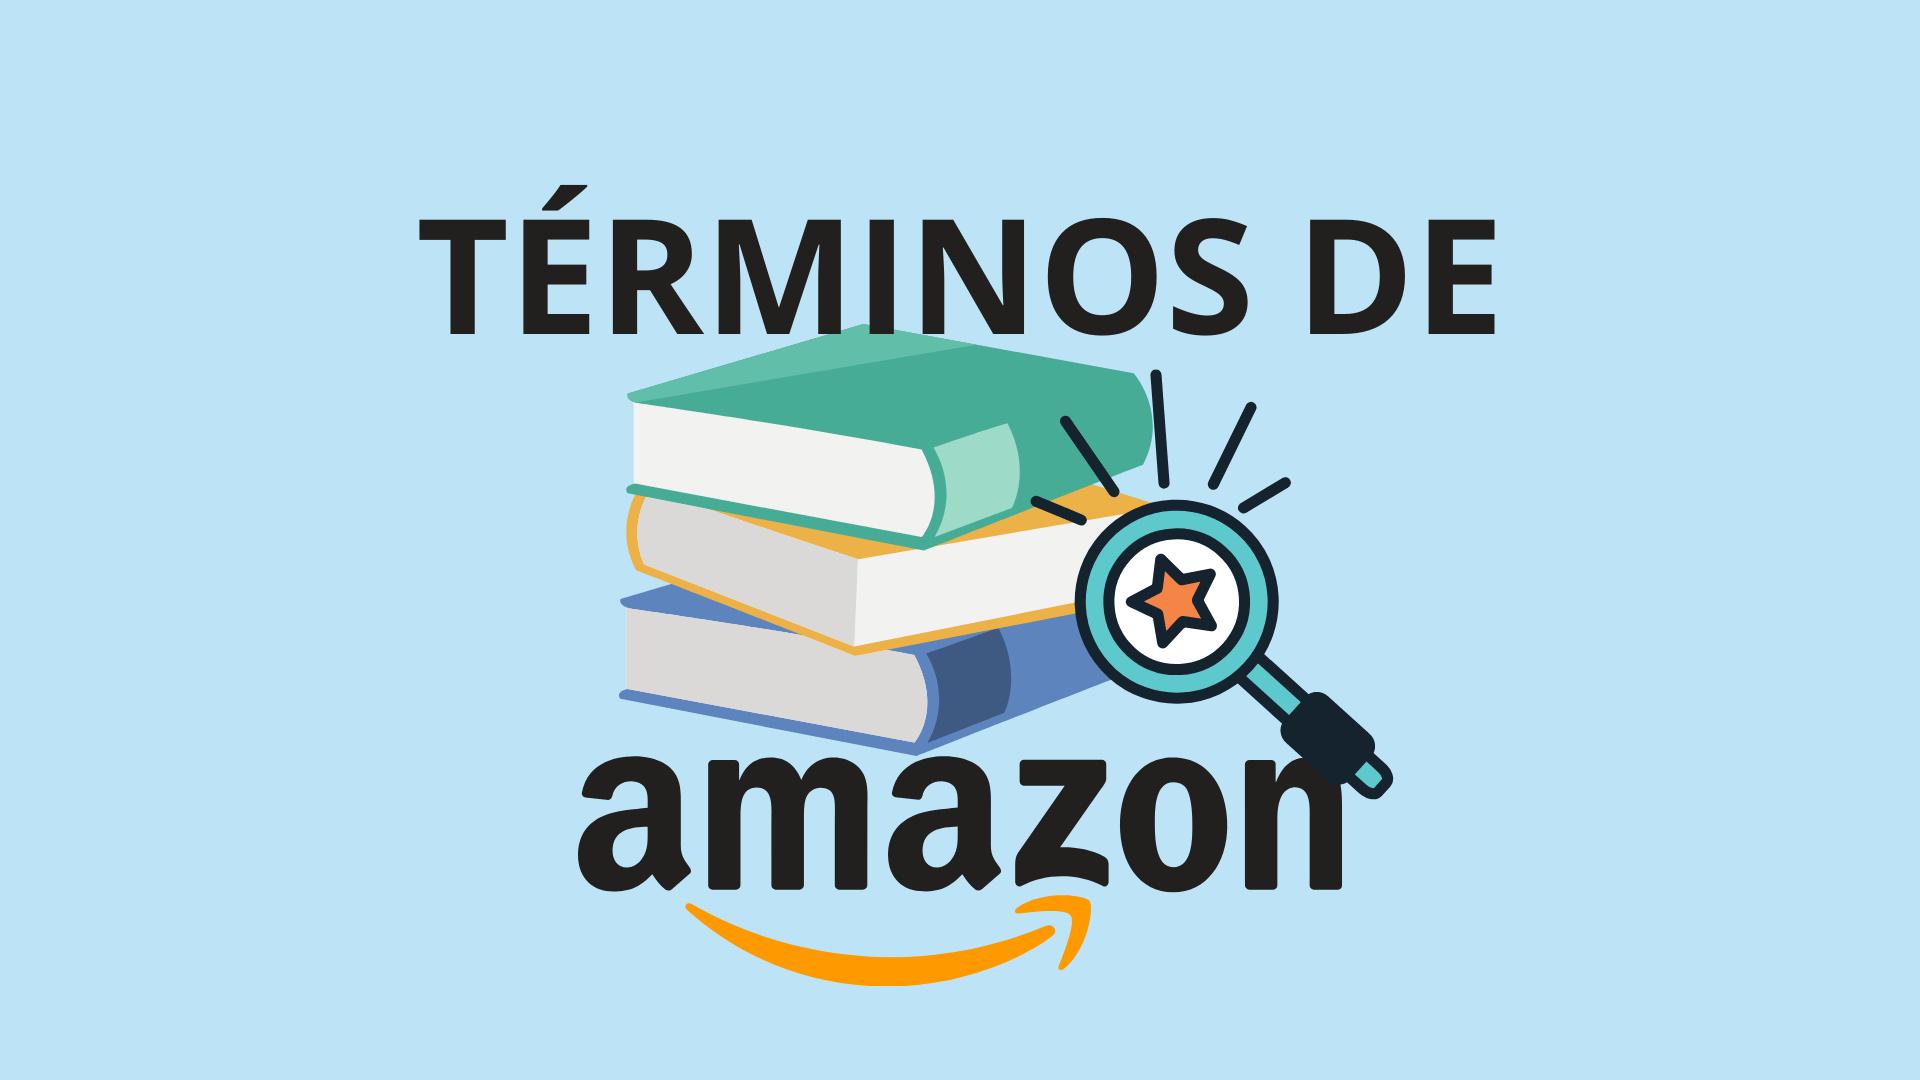 Los términos de Amazon que todo vendedor debería conocer